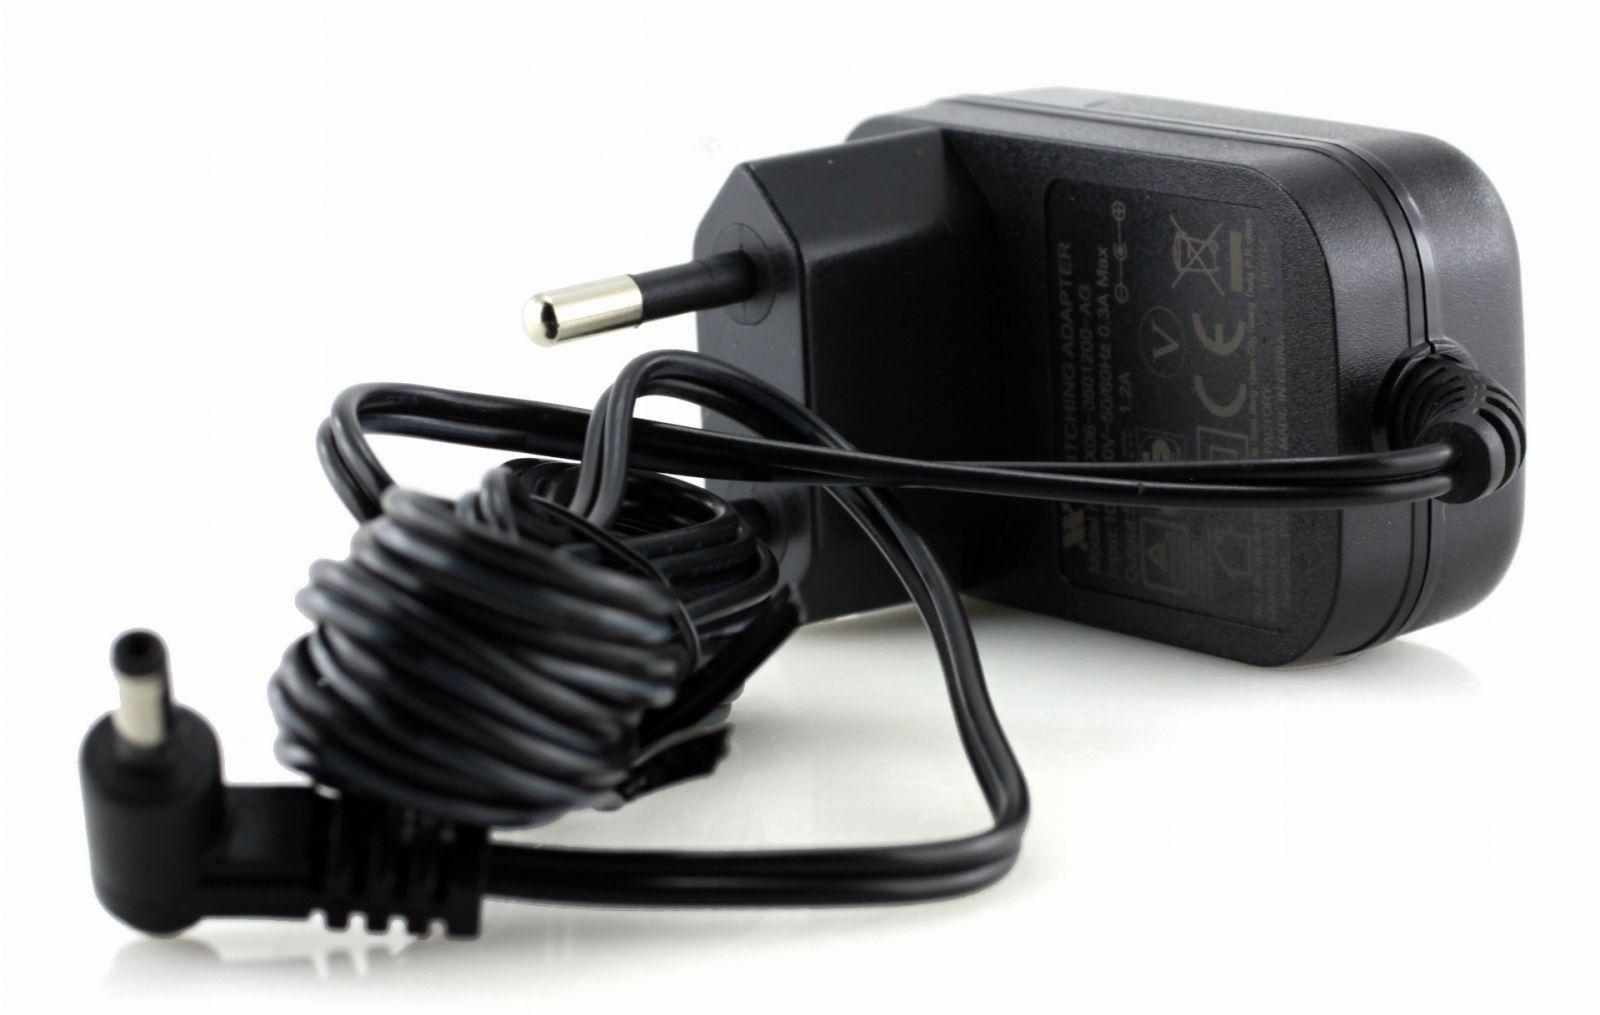 Síťový adaptér 230V pro digitální budík C02.3535..0545 170849 Hodiny